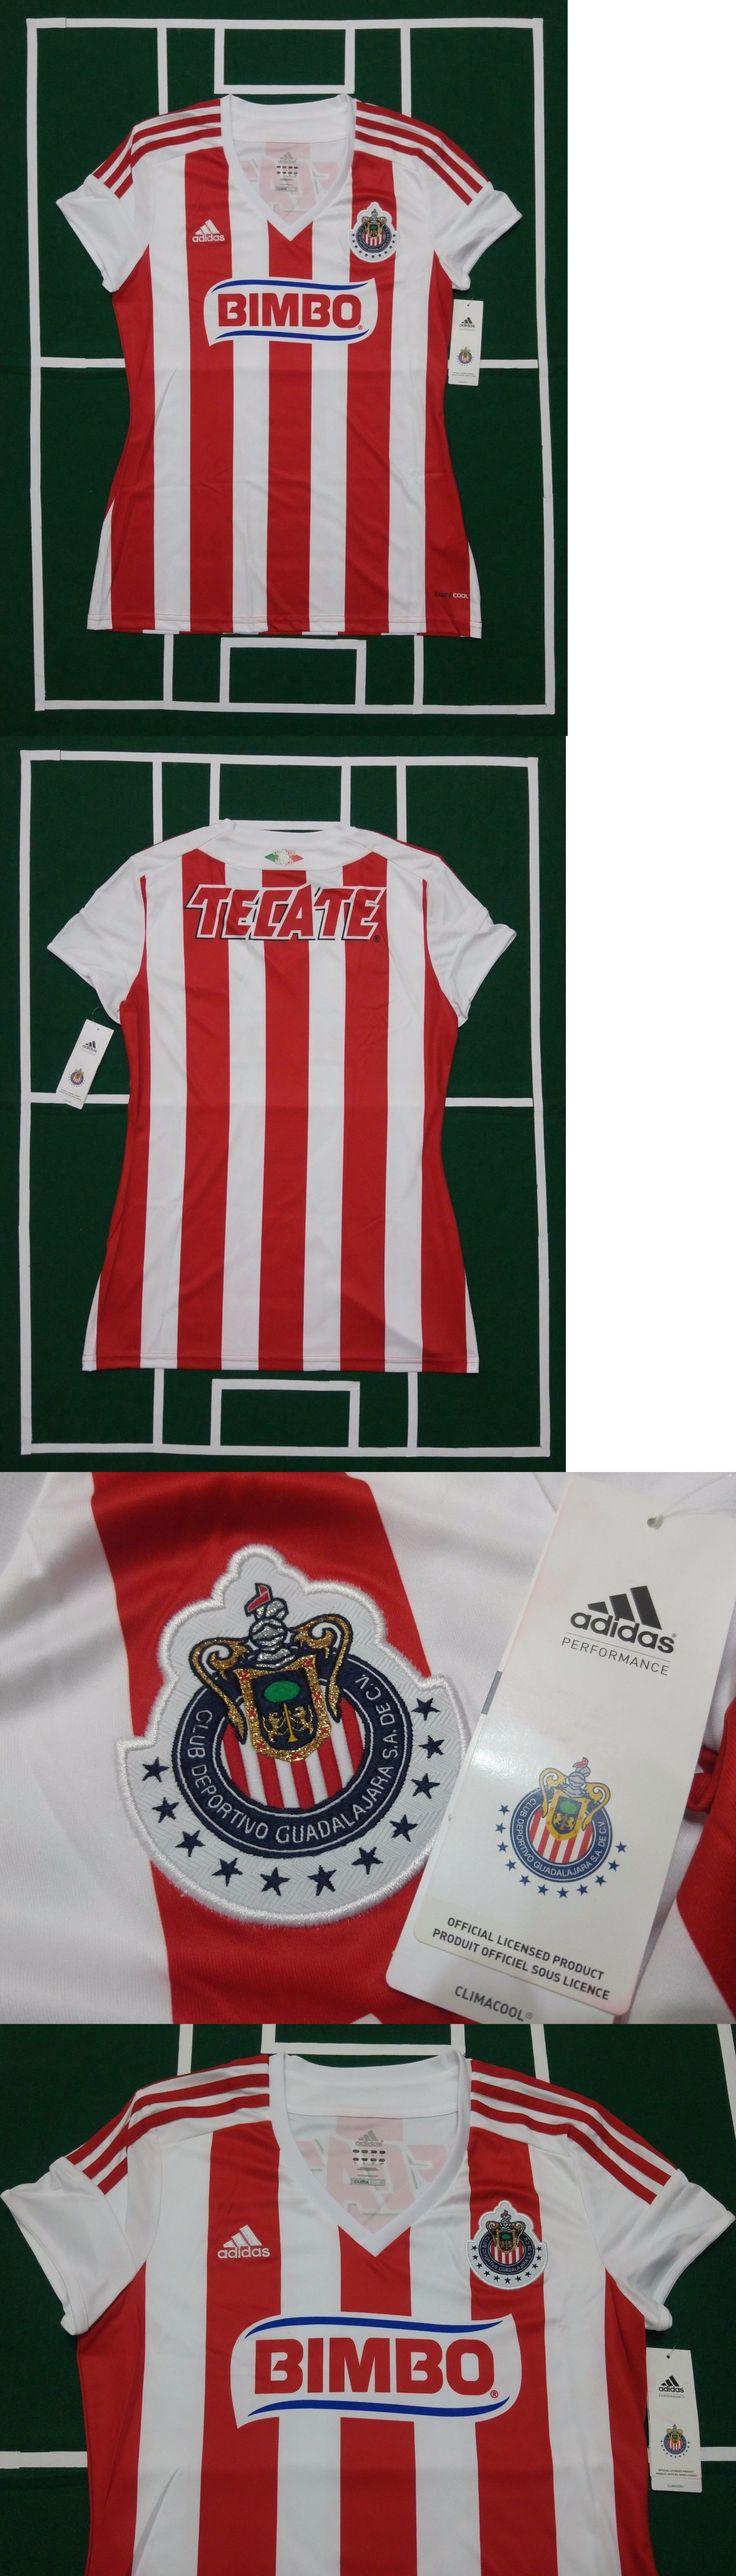 Women 159098: Adidas Chivas De Guadalajara Women Local Home Jersey -> BUY IT NOW ONLY: $38.9 on eBay!